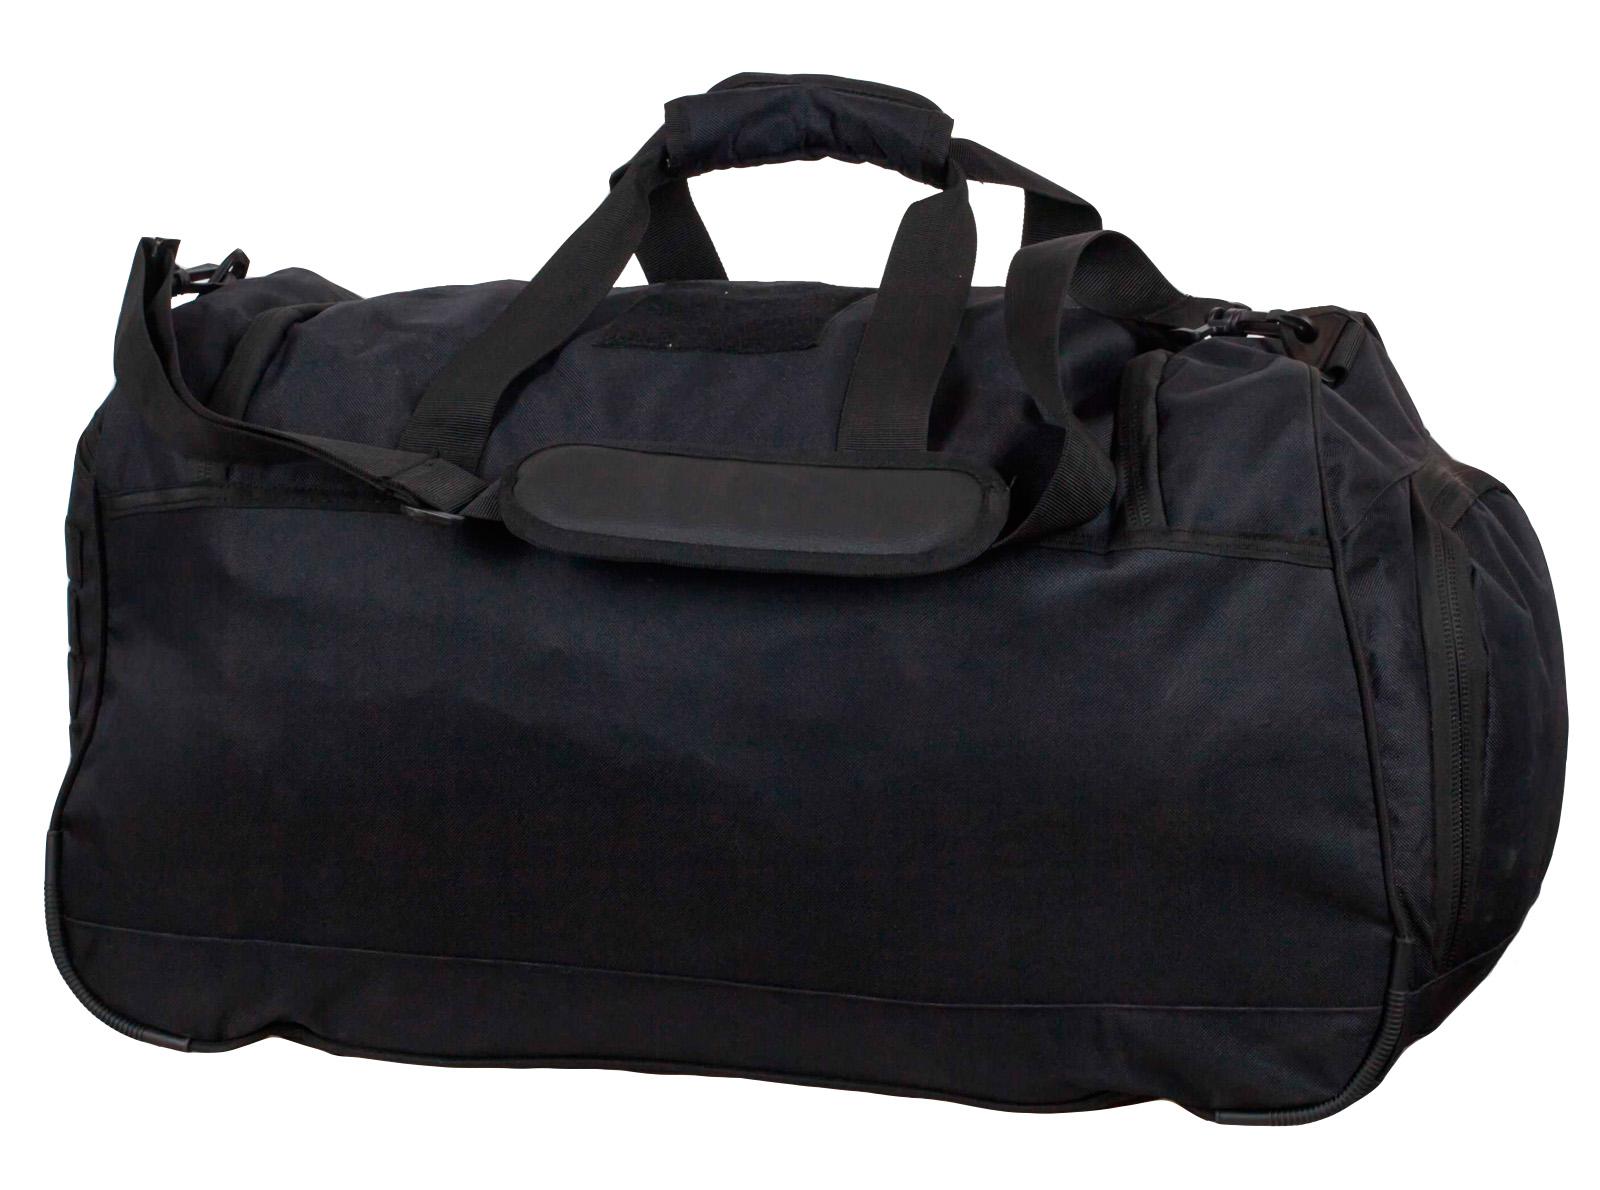 Военная большая сумка с нашивкой Танковые Войска 08032B Black - купить в розницу